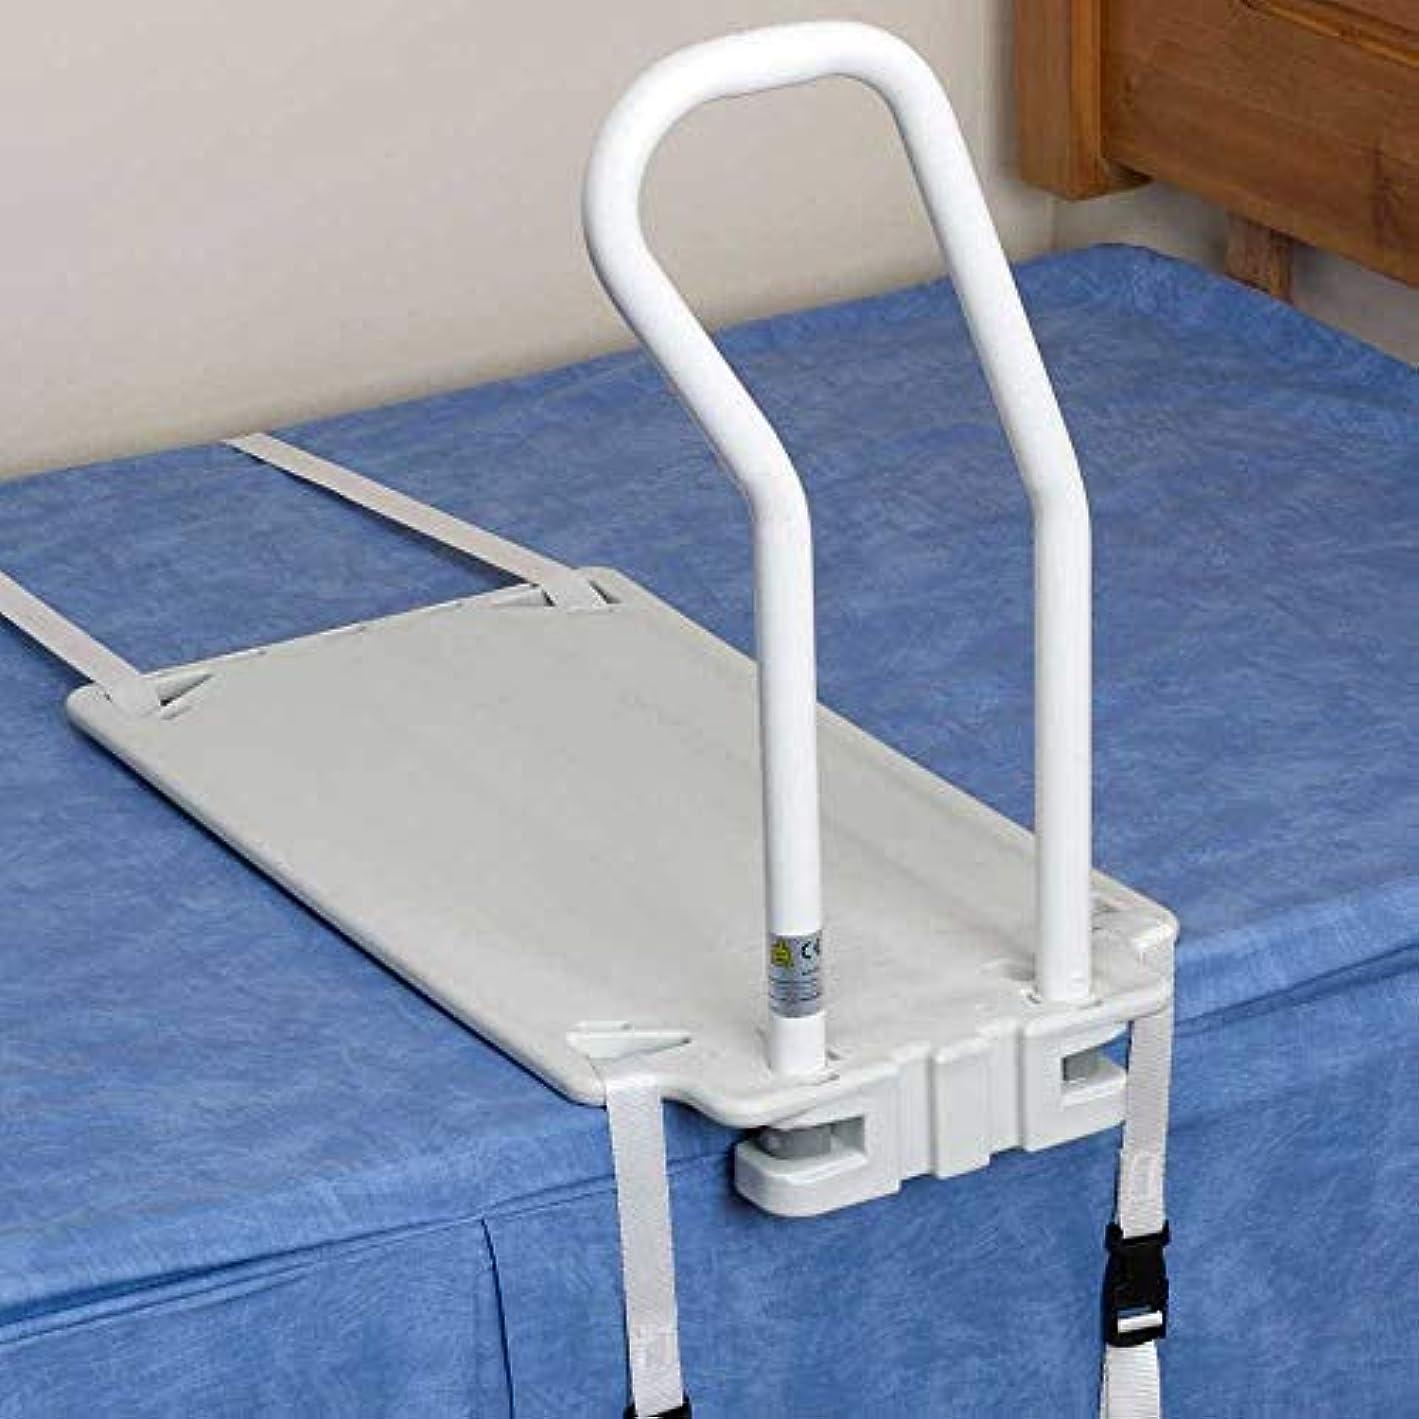 塗抹加害者燃料ベッドサイド手すり、ベッドへの出入りの補助、安定補助具、高齢者用、身体障害者用、障害者用、ディバンベッドグラブハンドル